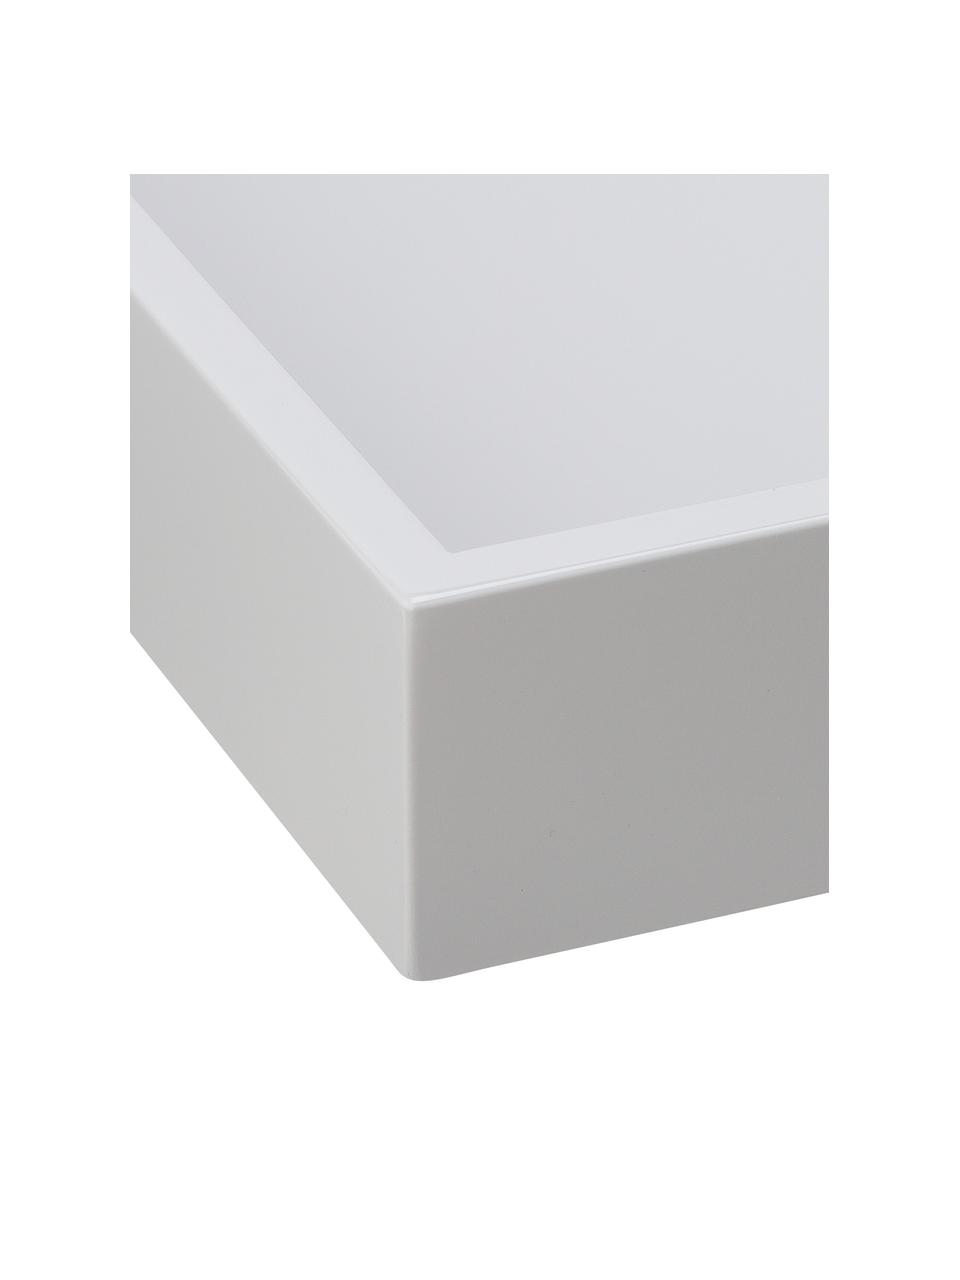 Hochglanz-Tablett Hayley in Grau, L 50 x B 35 cm, Tablett: Mitteldichte Holzfaserpla, Unterseite: Samt, Hellgrau, Unterseite: Hellgrau, 35 x 50 cm